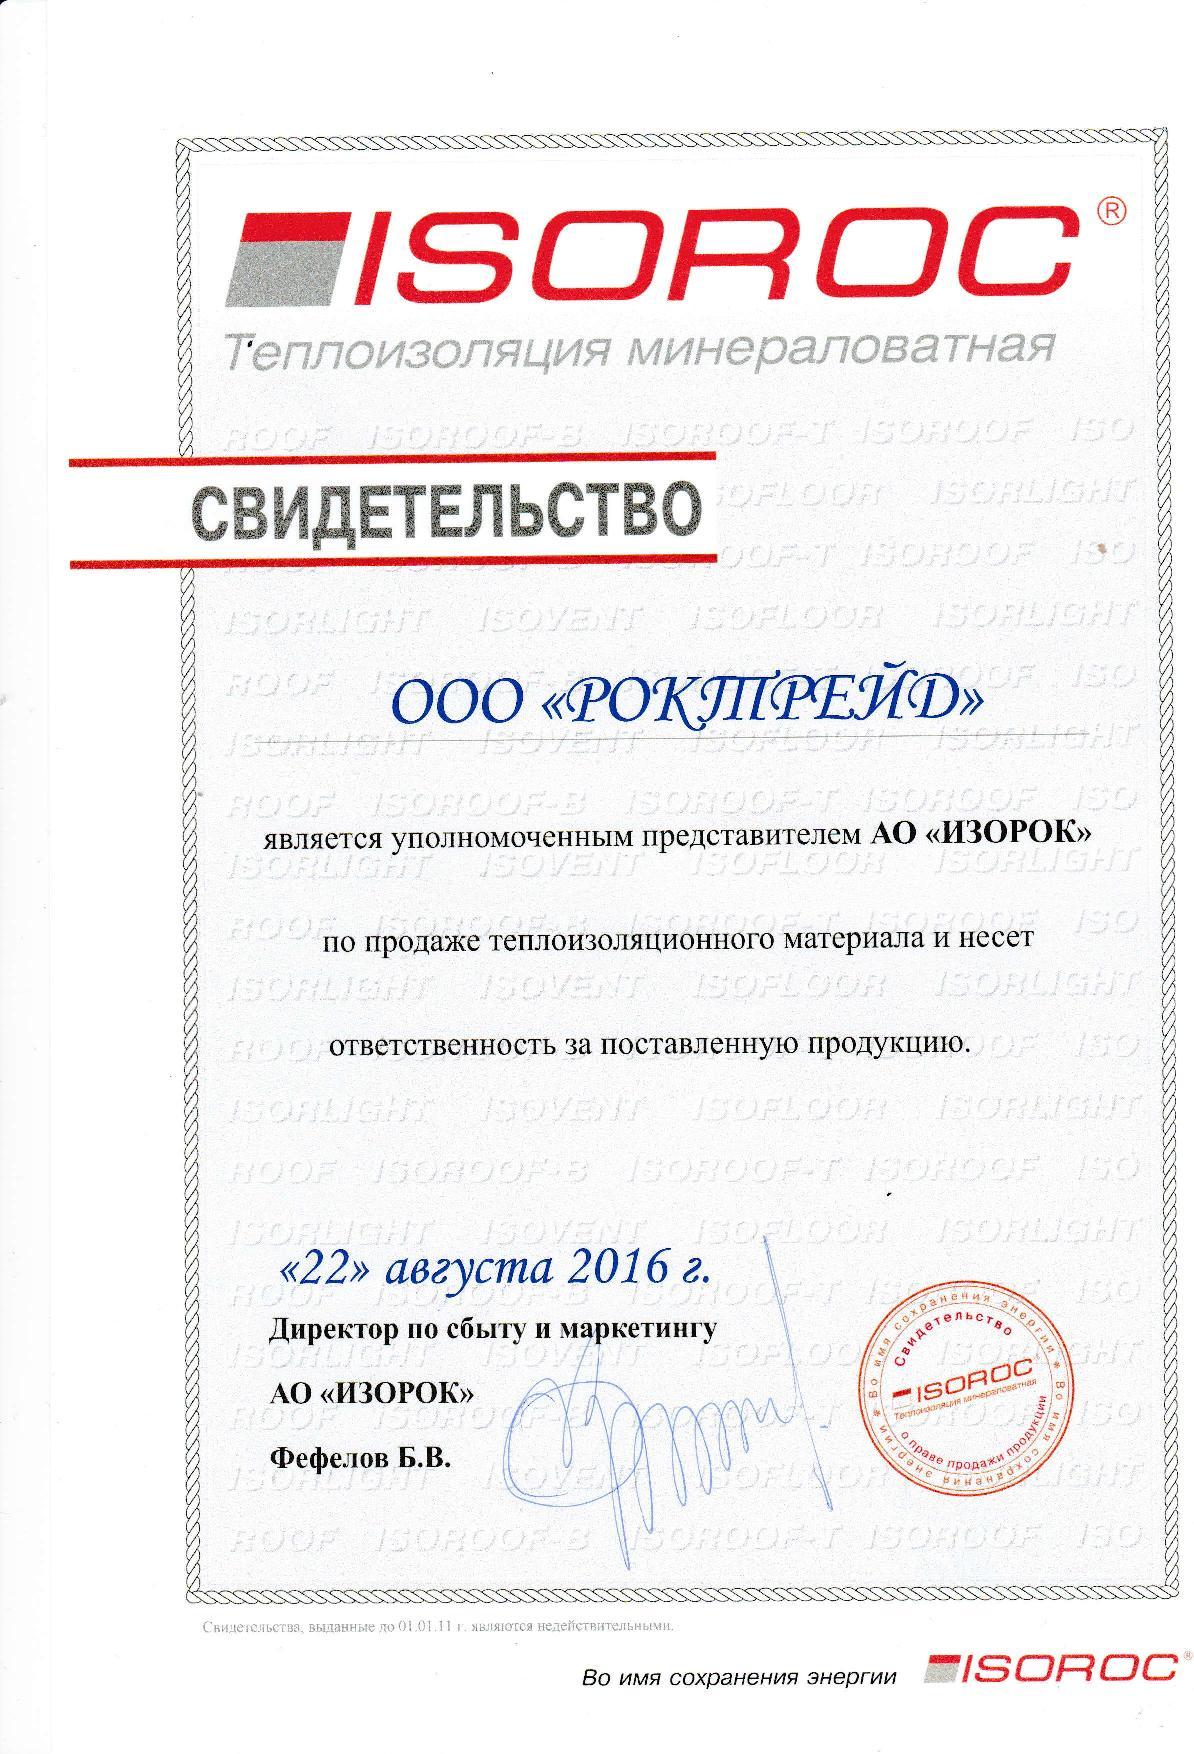 Роктрейд - официальный дилер Isoroc